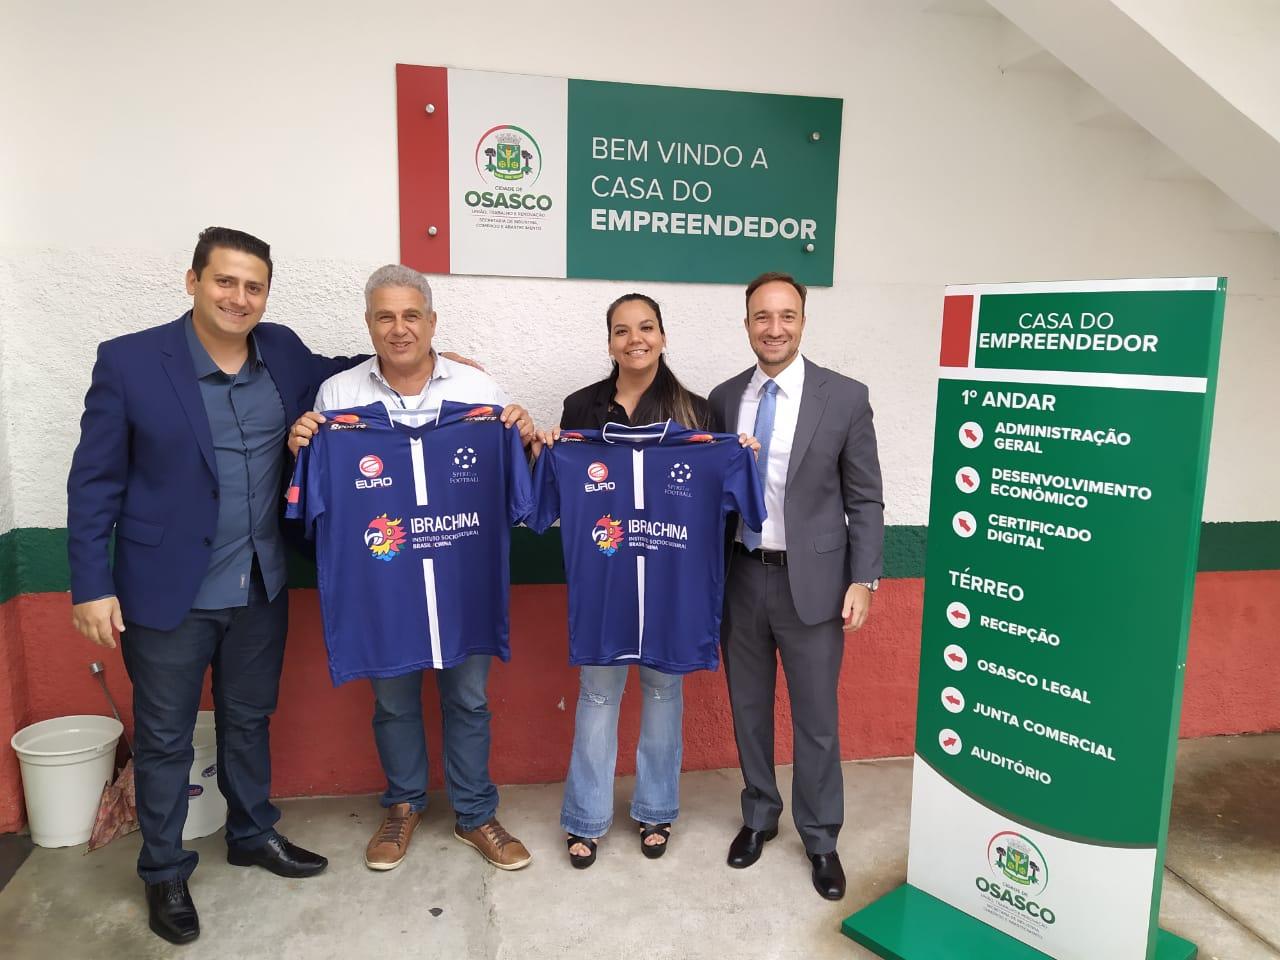 reunião_casa_do_empreendedor_osasco